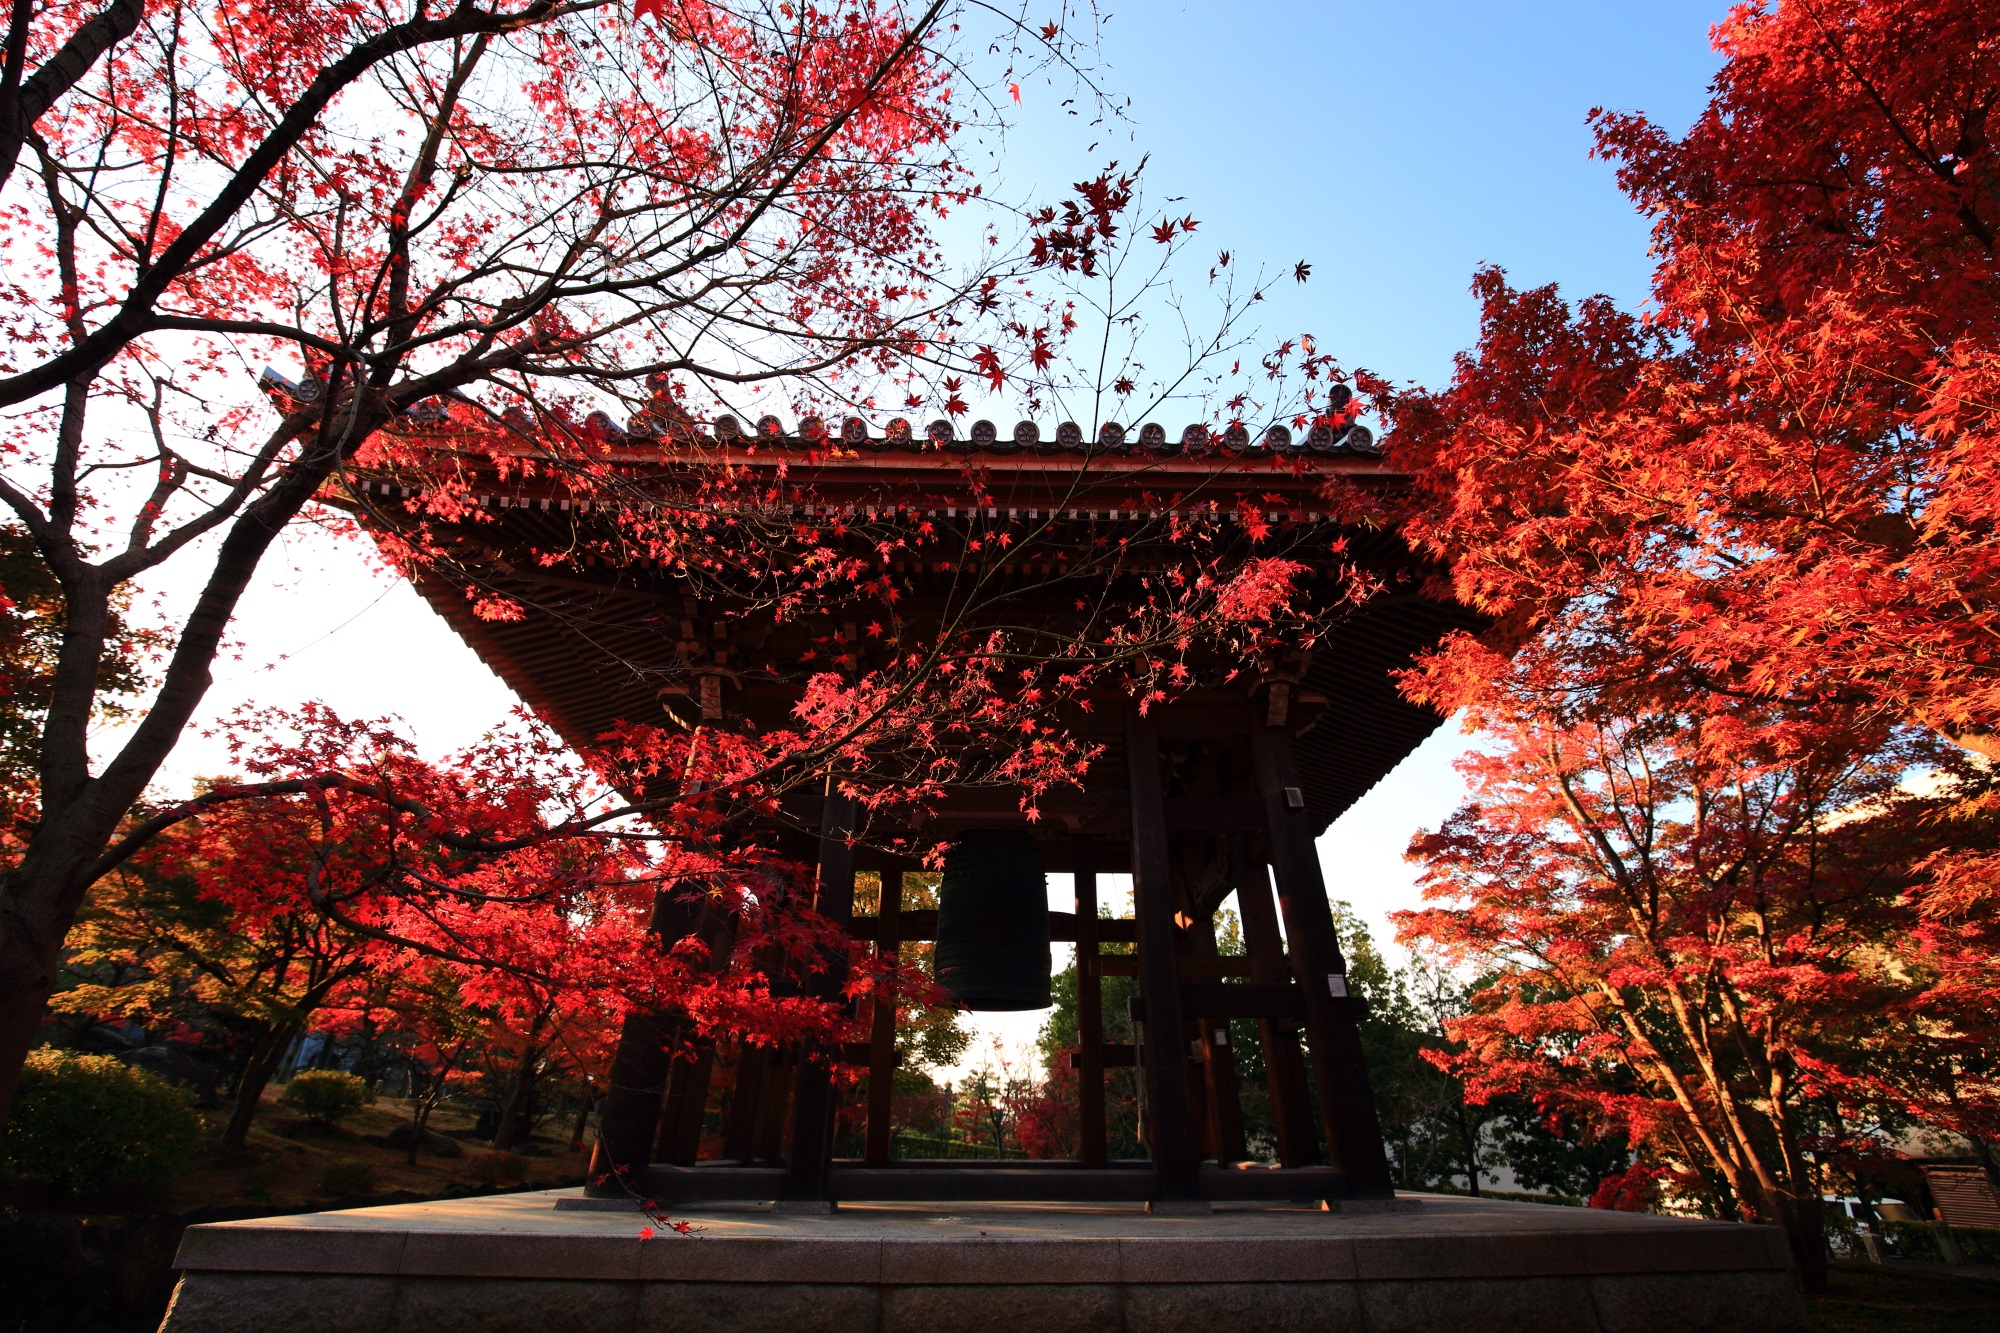 智積院の鐘楼のシルエットに赤く輝く紅葉